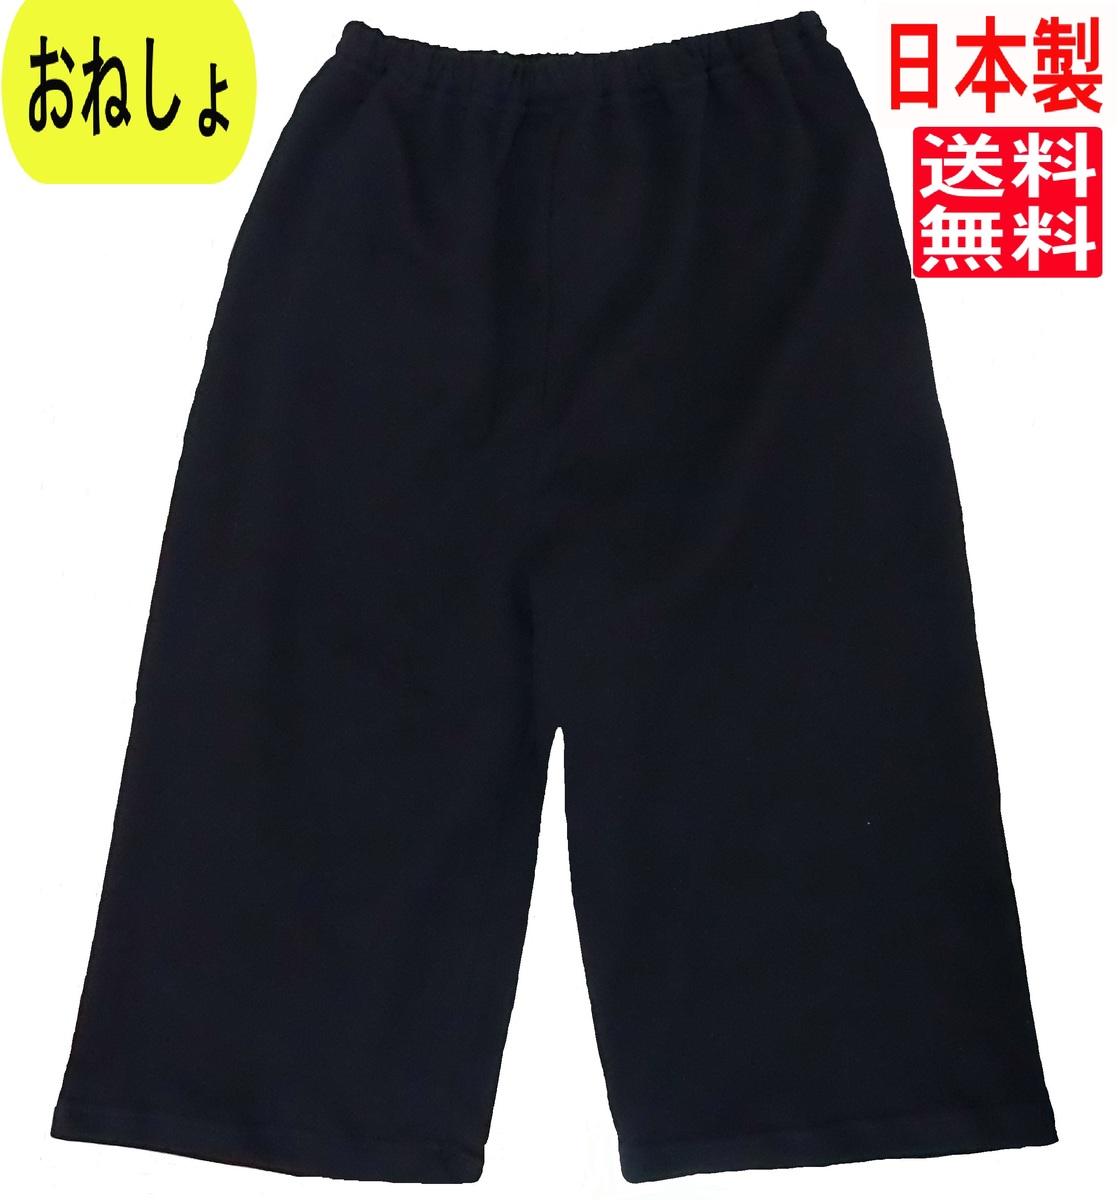 100%品質保証 ☆おねしょパンツとの組み合わせで旅行や合宿もセーファー おねしょ半ズボン 新着セール 防水 男女兼用 日本製 サイズ110~160cm